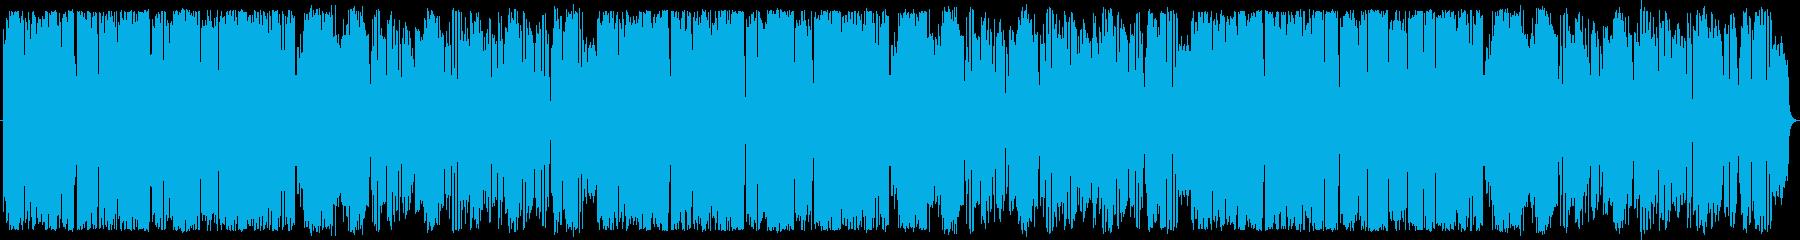 ゆったりほのぼのなBGMの再生済みの波形